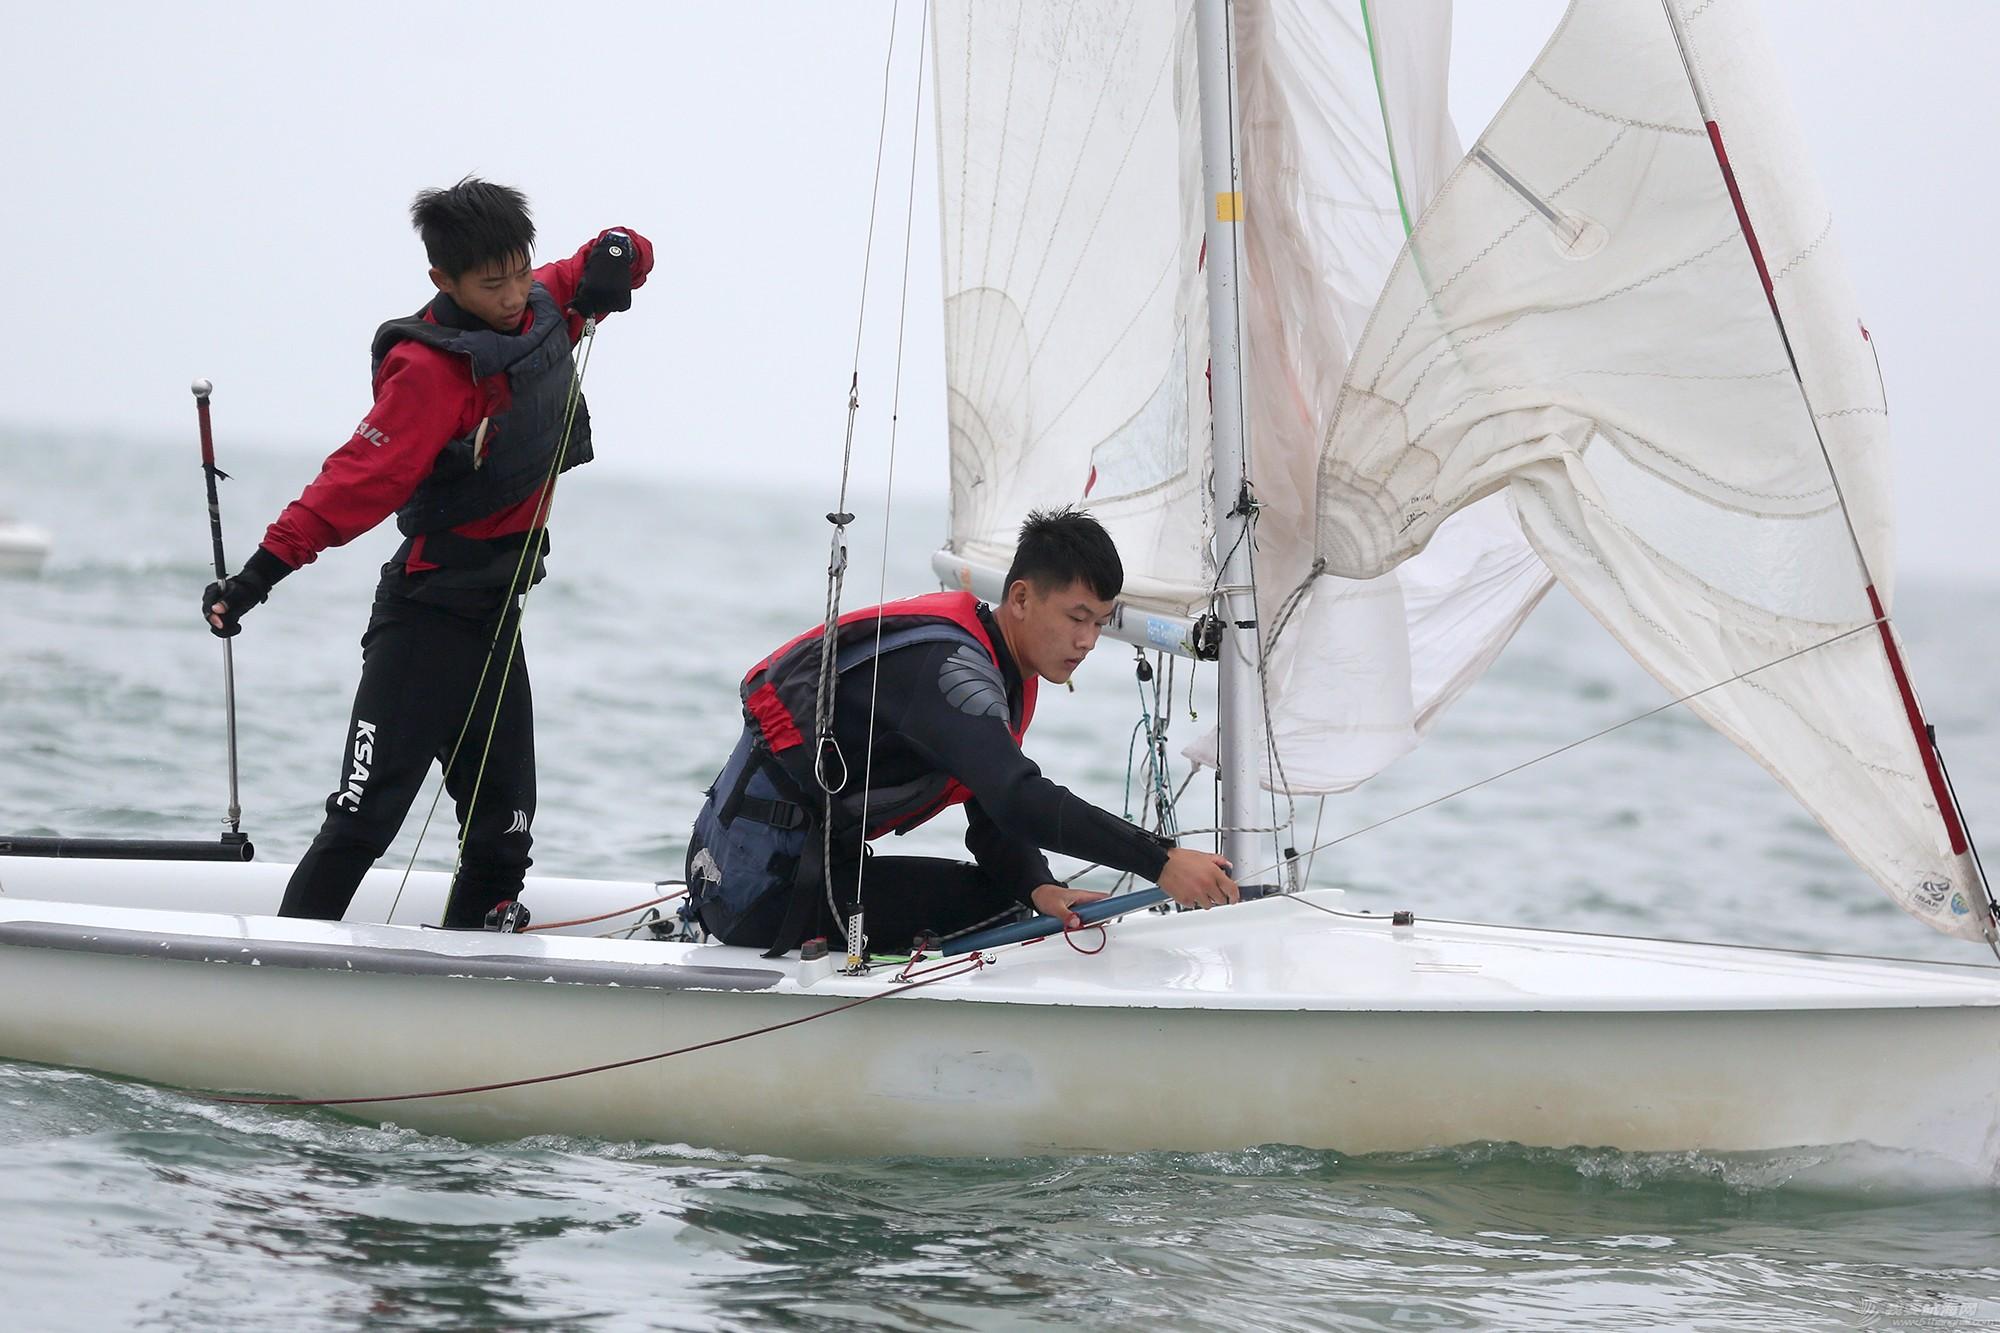 山东省,运动员,冠军赛,天气,帆板 风生水起,怎奈个个都是浪里白条——山东省帆船帆板冠军赛第二天赛况 5V8A2733副本.jpg